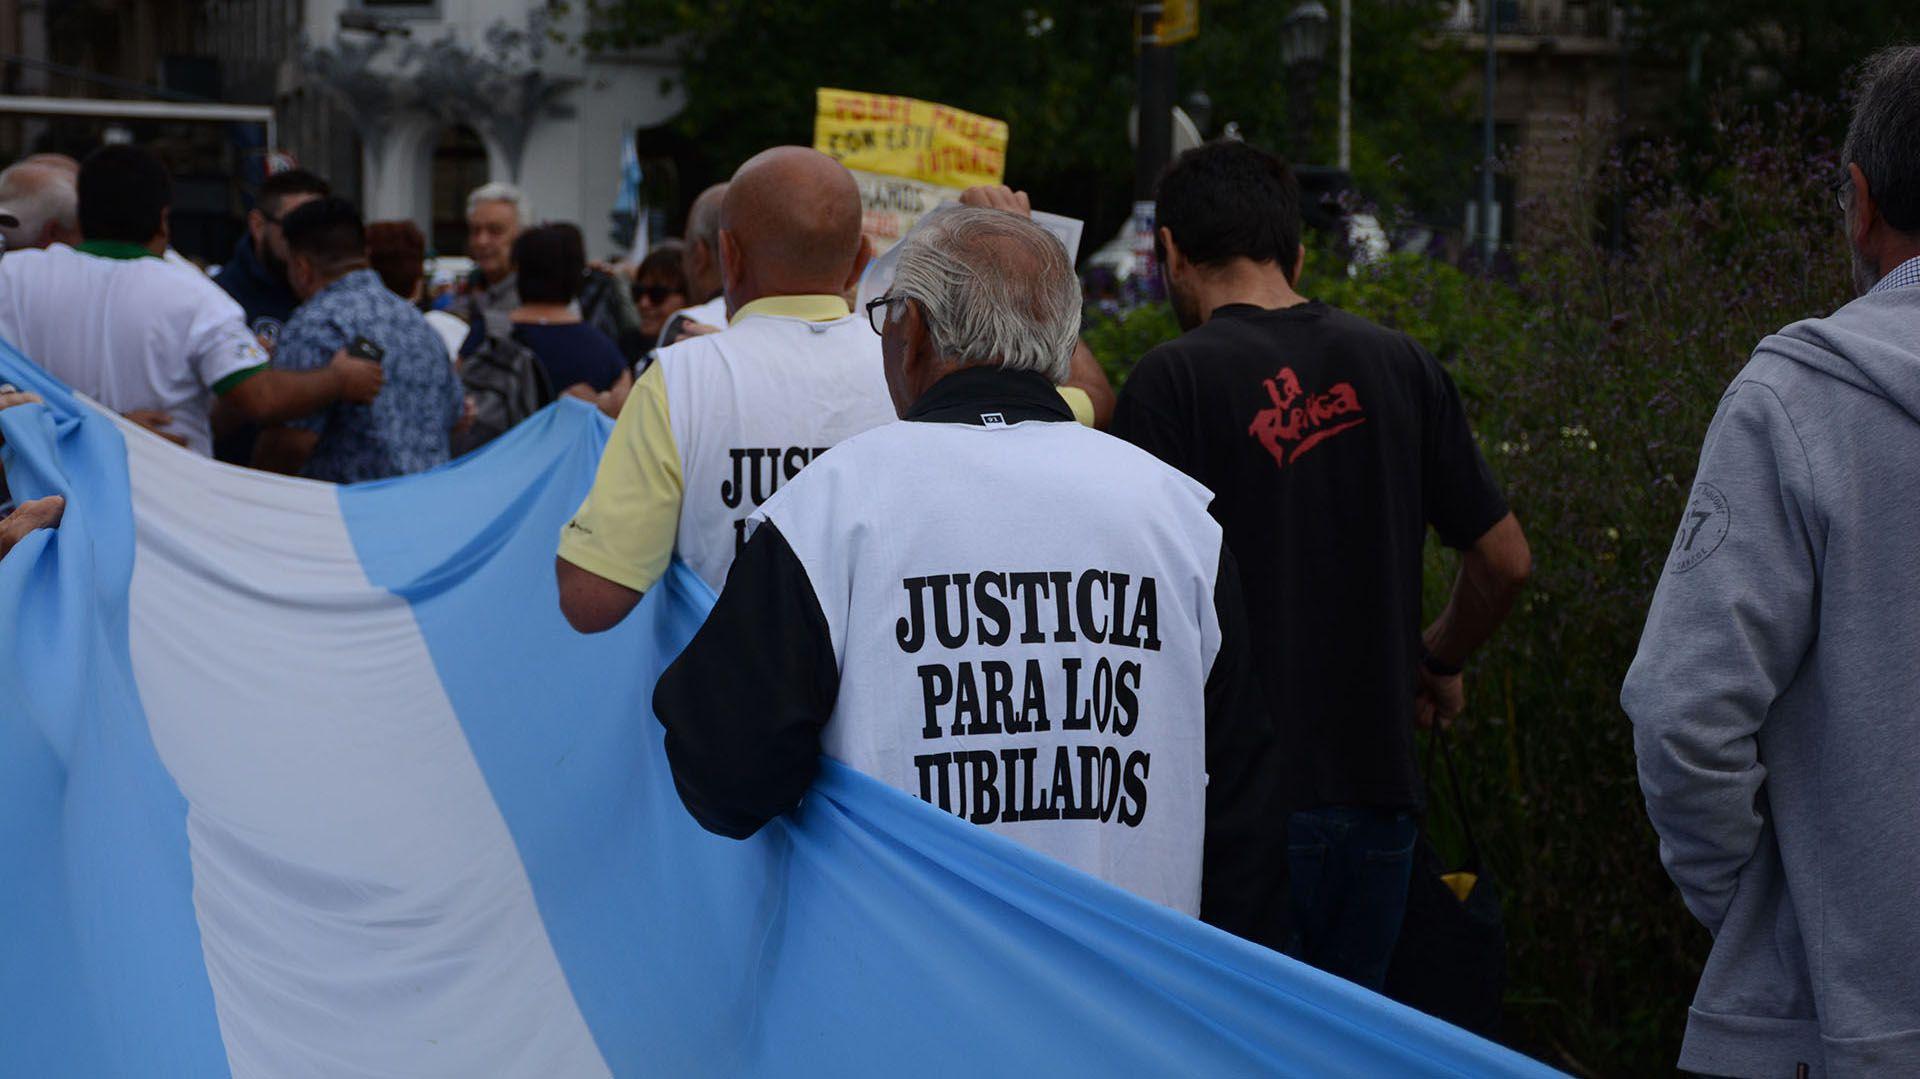 De los datos del Indec surge que en toda la Argentina hay casi 700 mil abuelos en estado de pobreza (Franco Fafasuli)